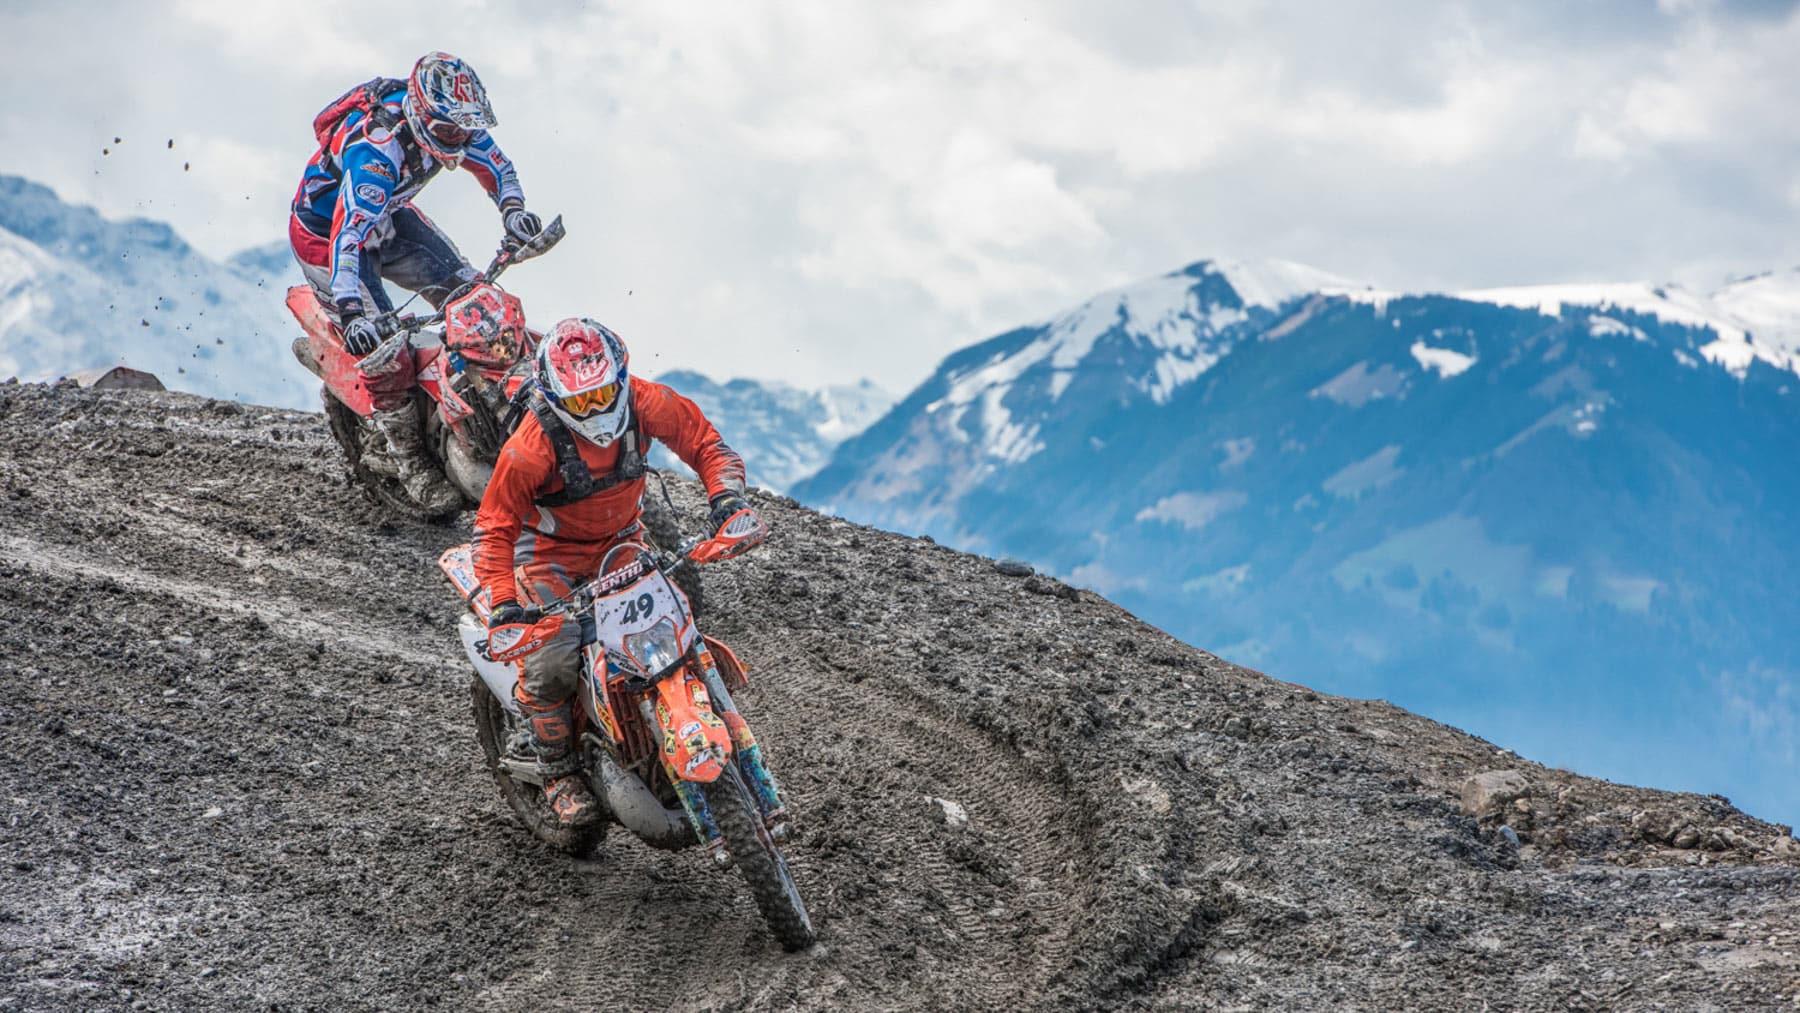 Delussu_Fotografie_Reportagen_Motocross_2564